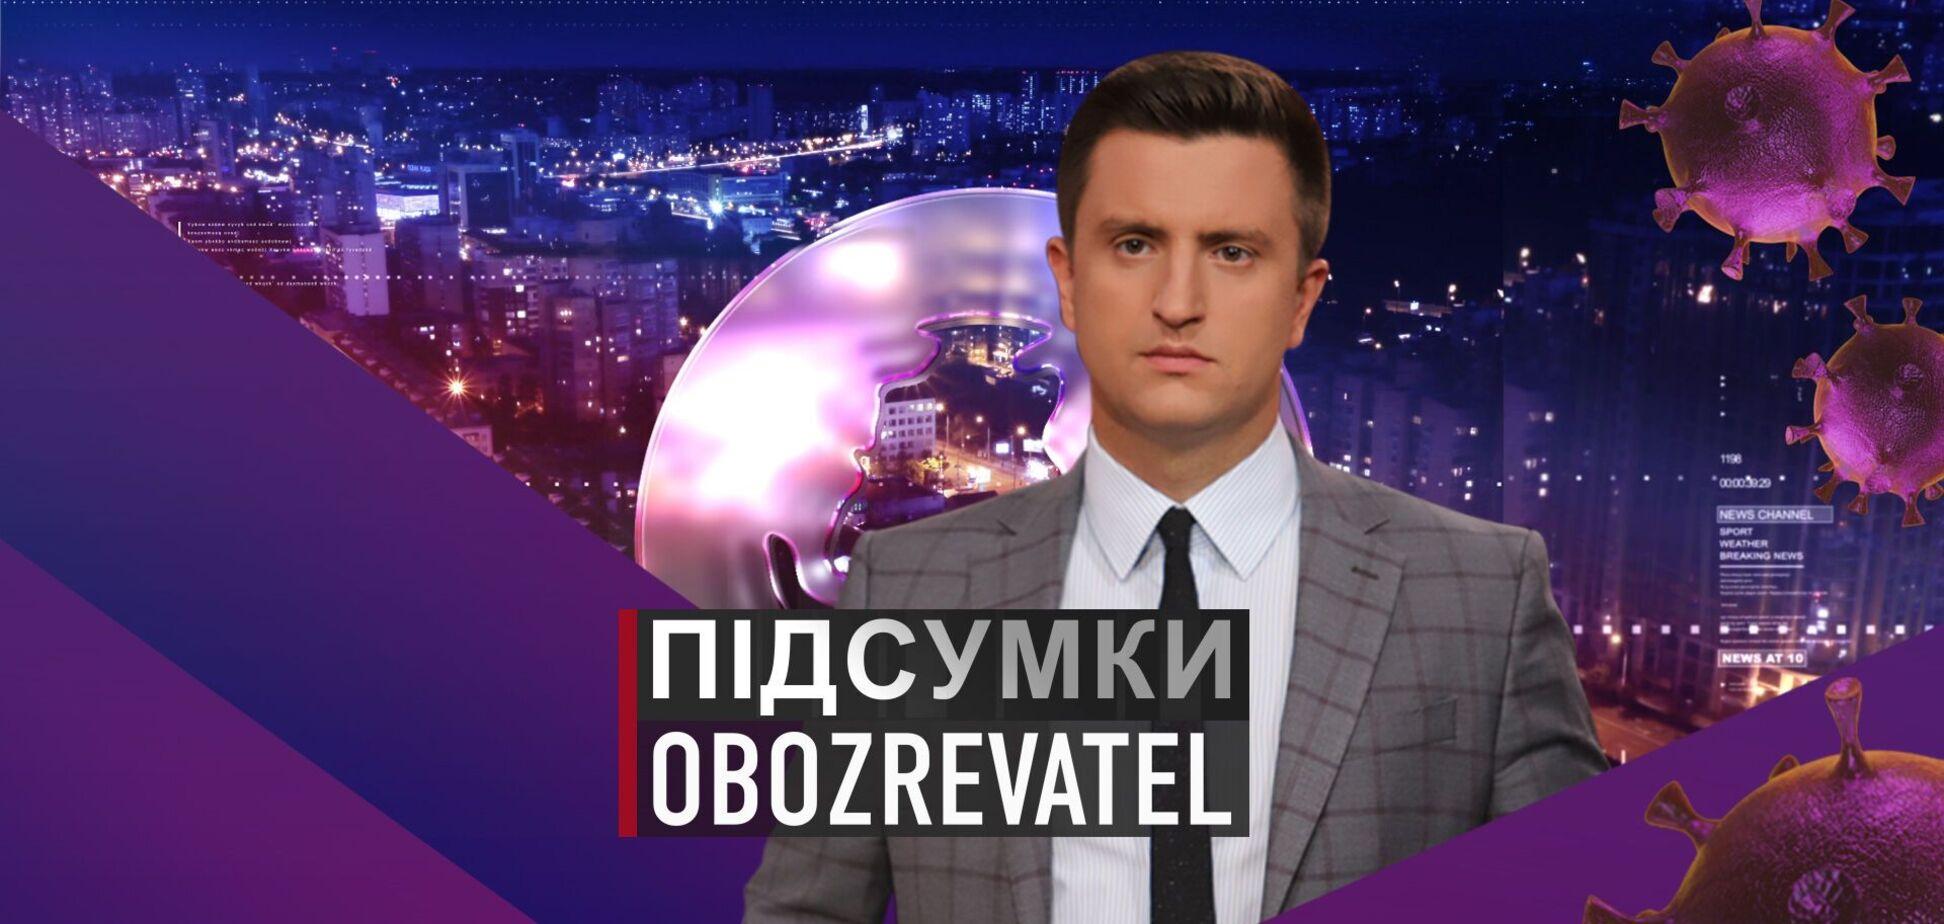 Итоги дня с Вадимом Колодийчуком. Понедельник, 1 февраля